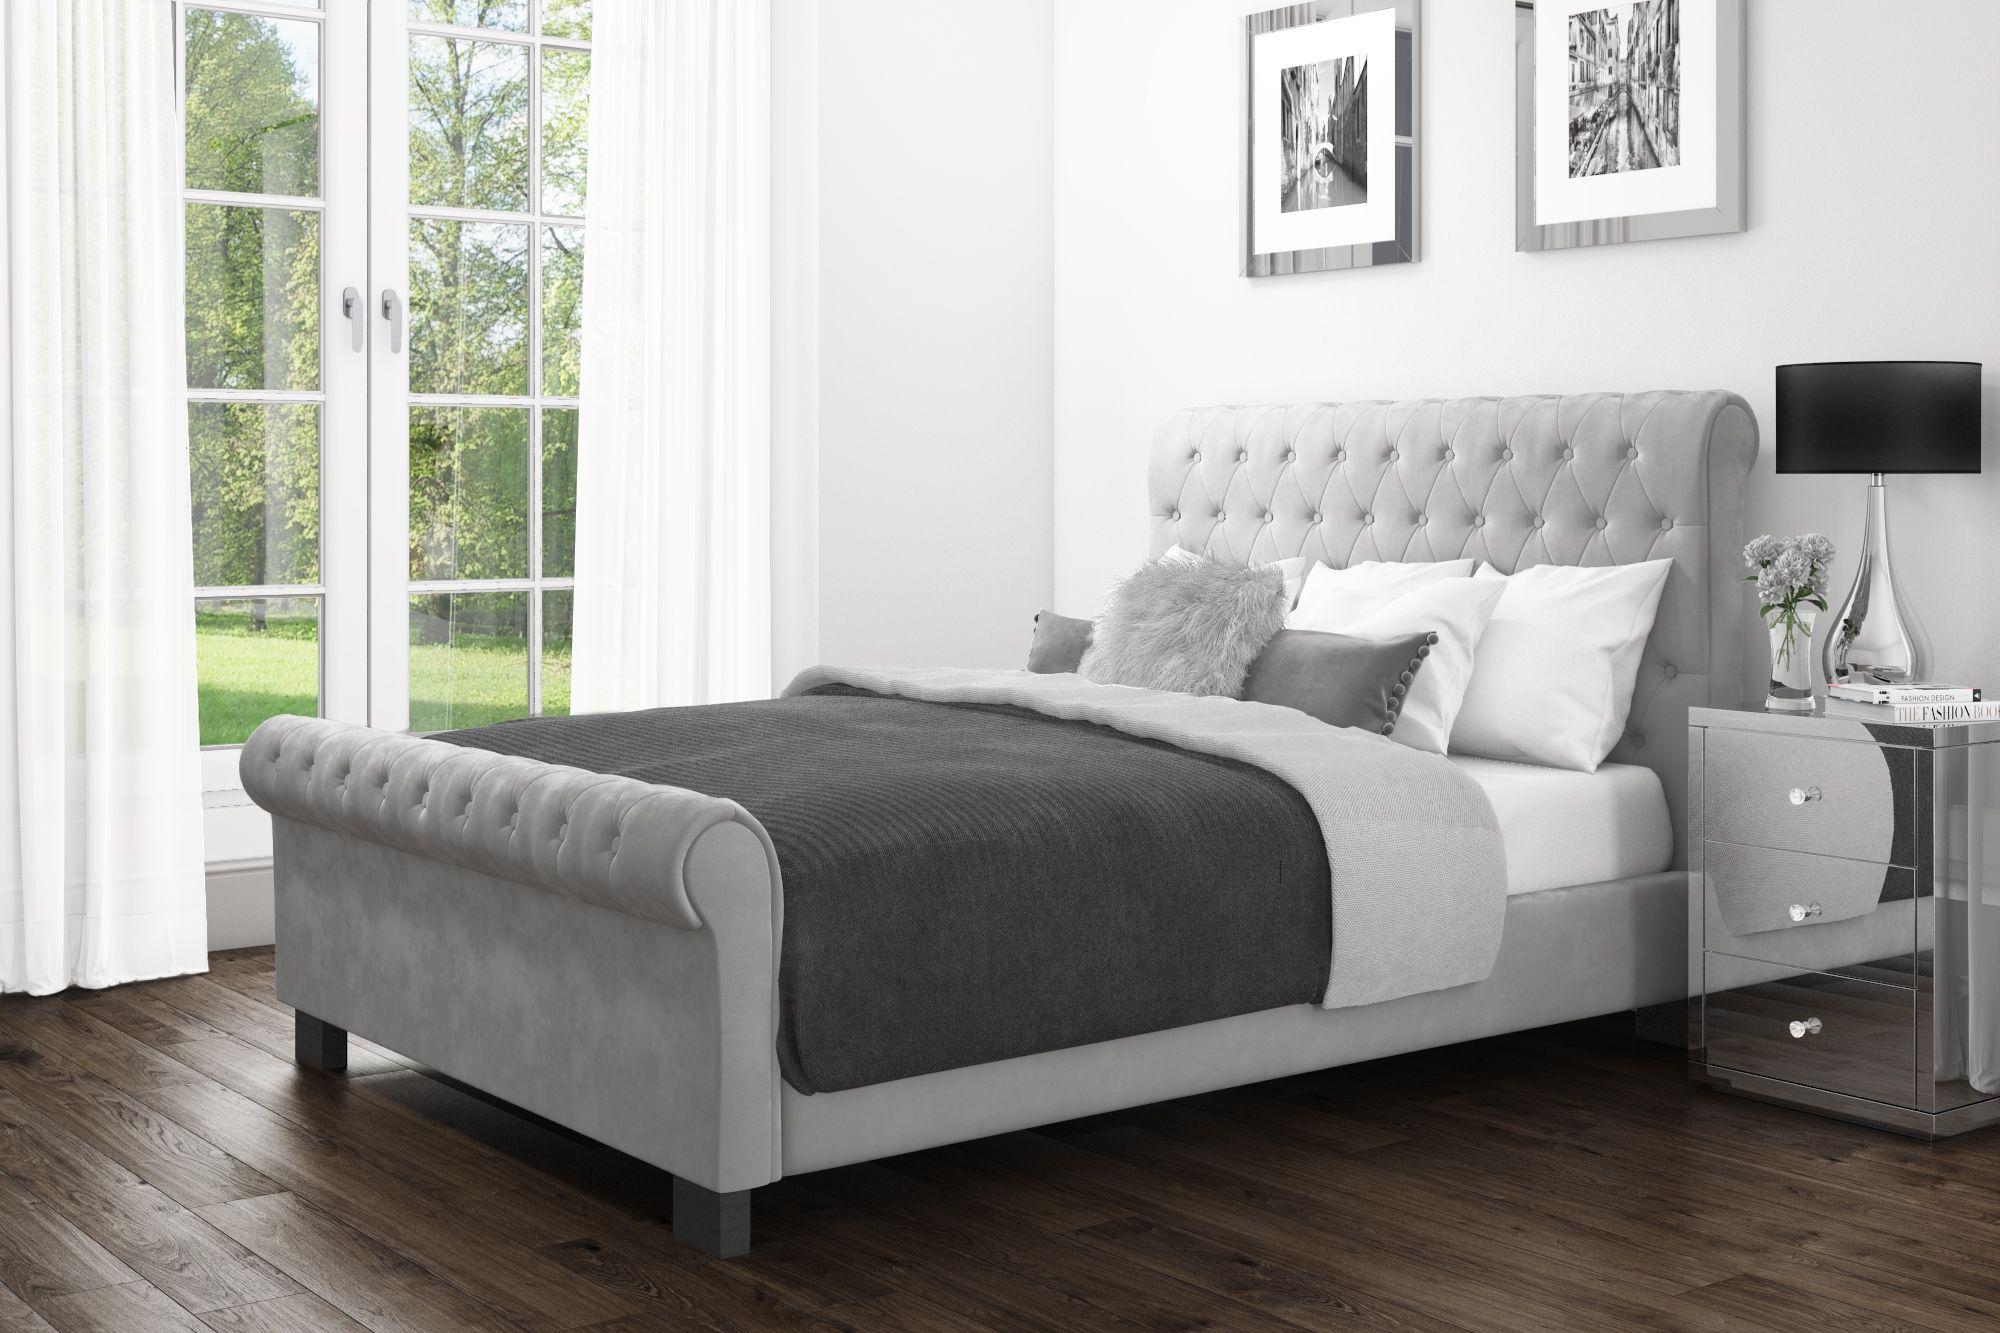 Grey Velvet Roll Top Sleigh Bed Grey Bed Frame Grey Velvet Bed